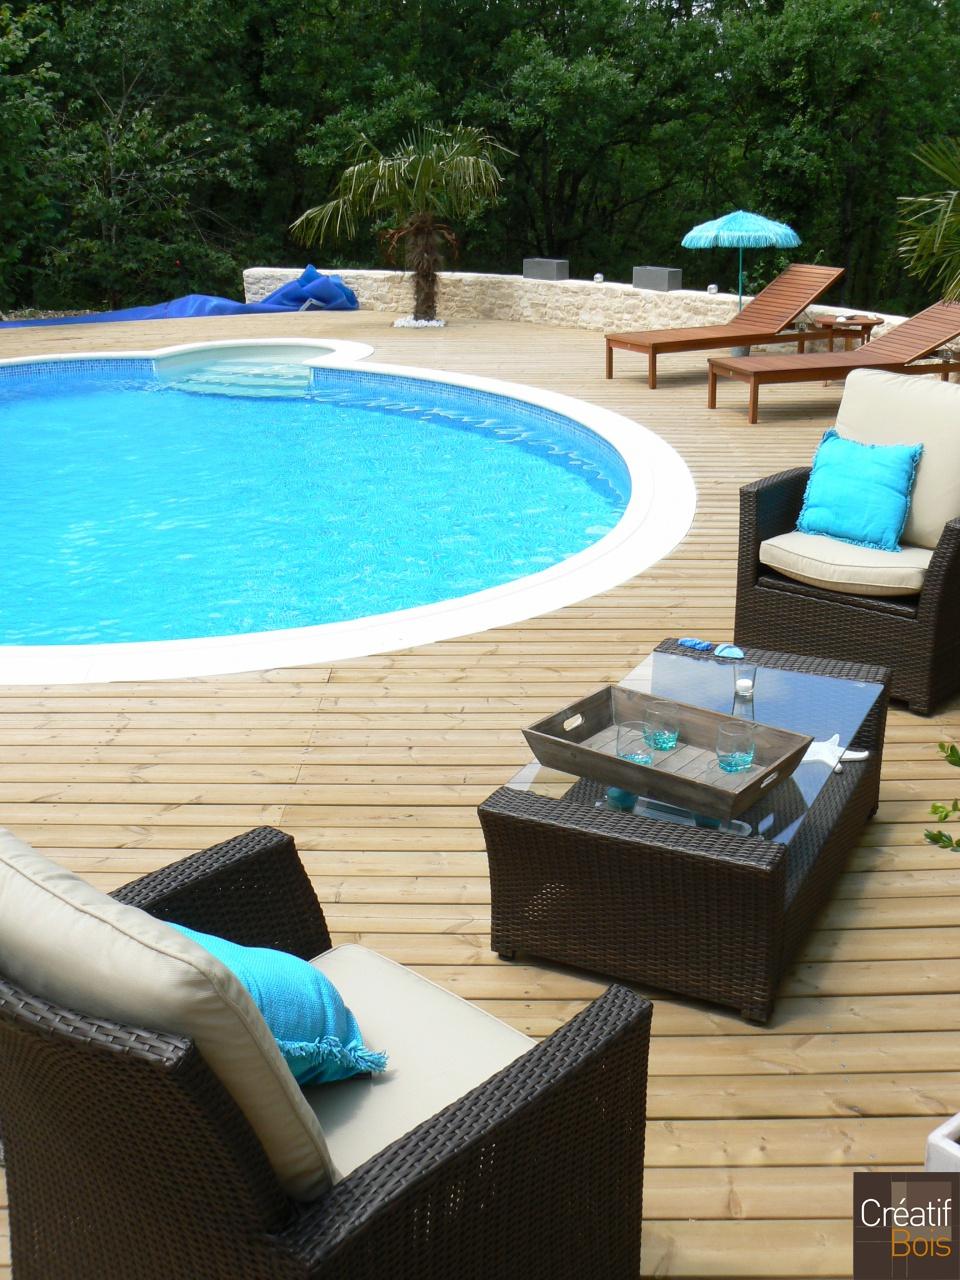 plage de piscine lanzac souilhac lot 46 plages de. Black Bedroom Furniture Sets. Home Design Ideas